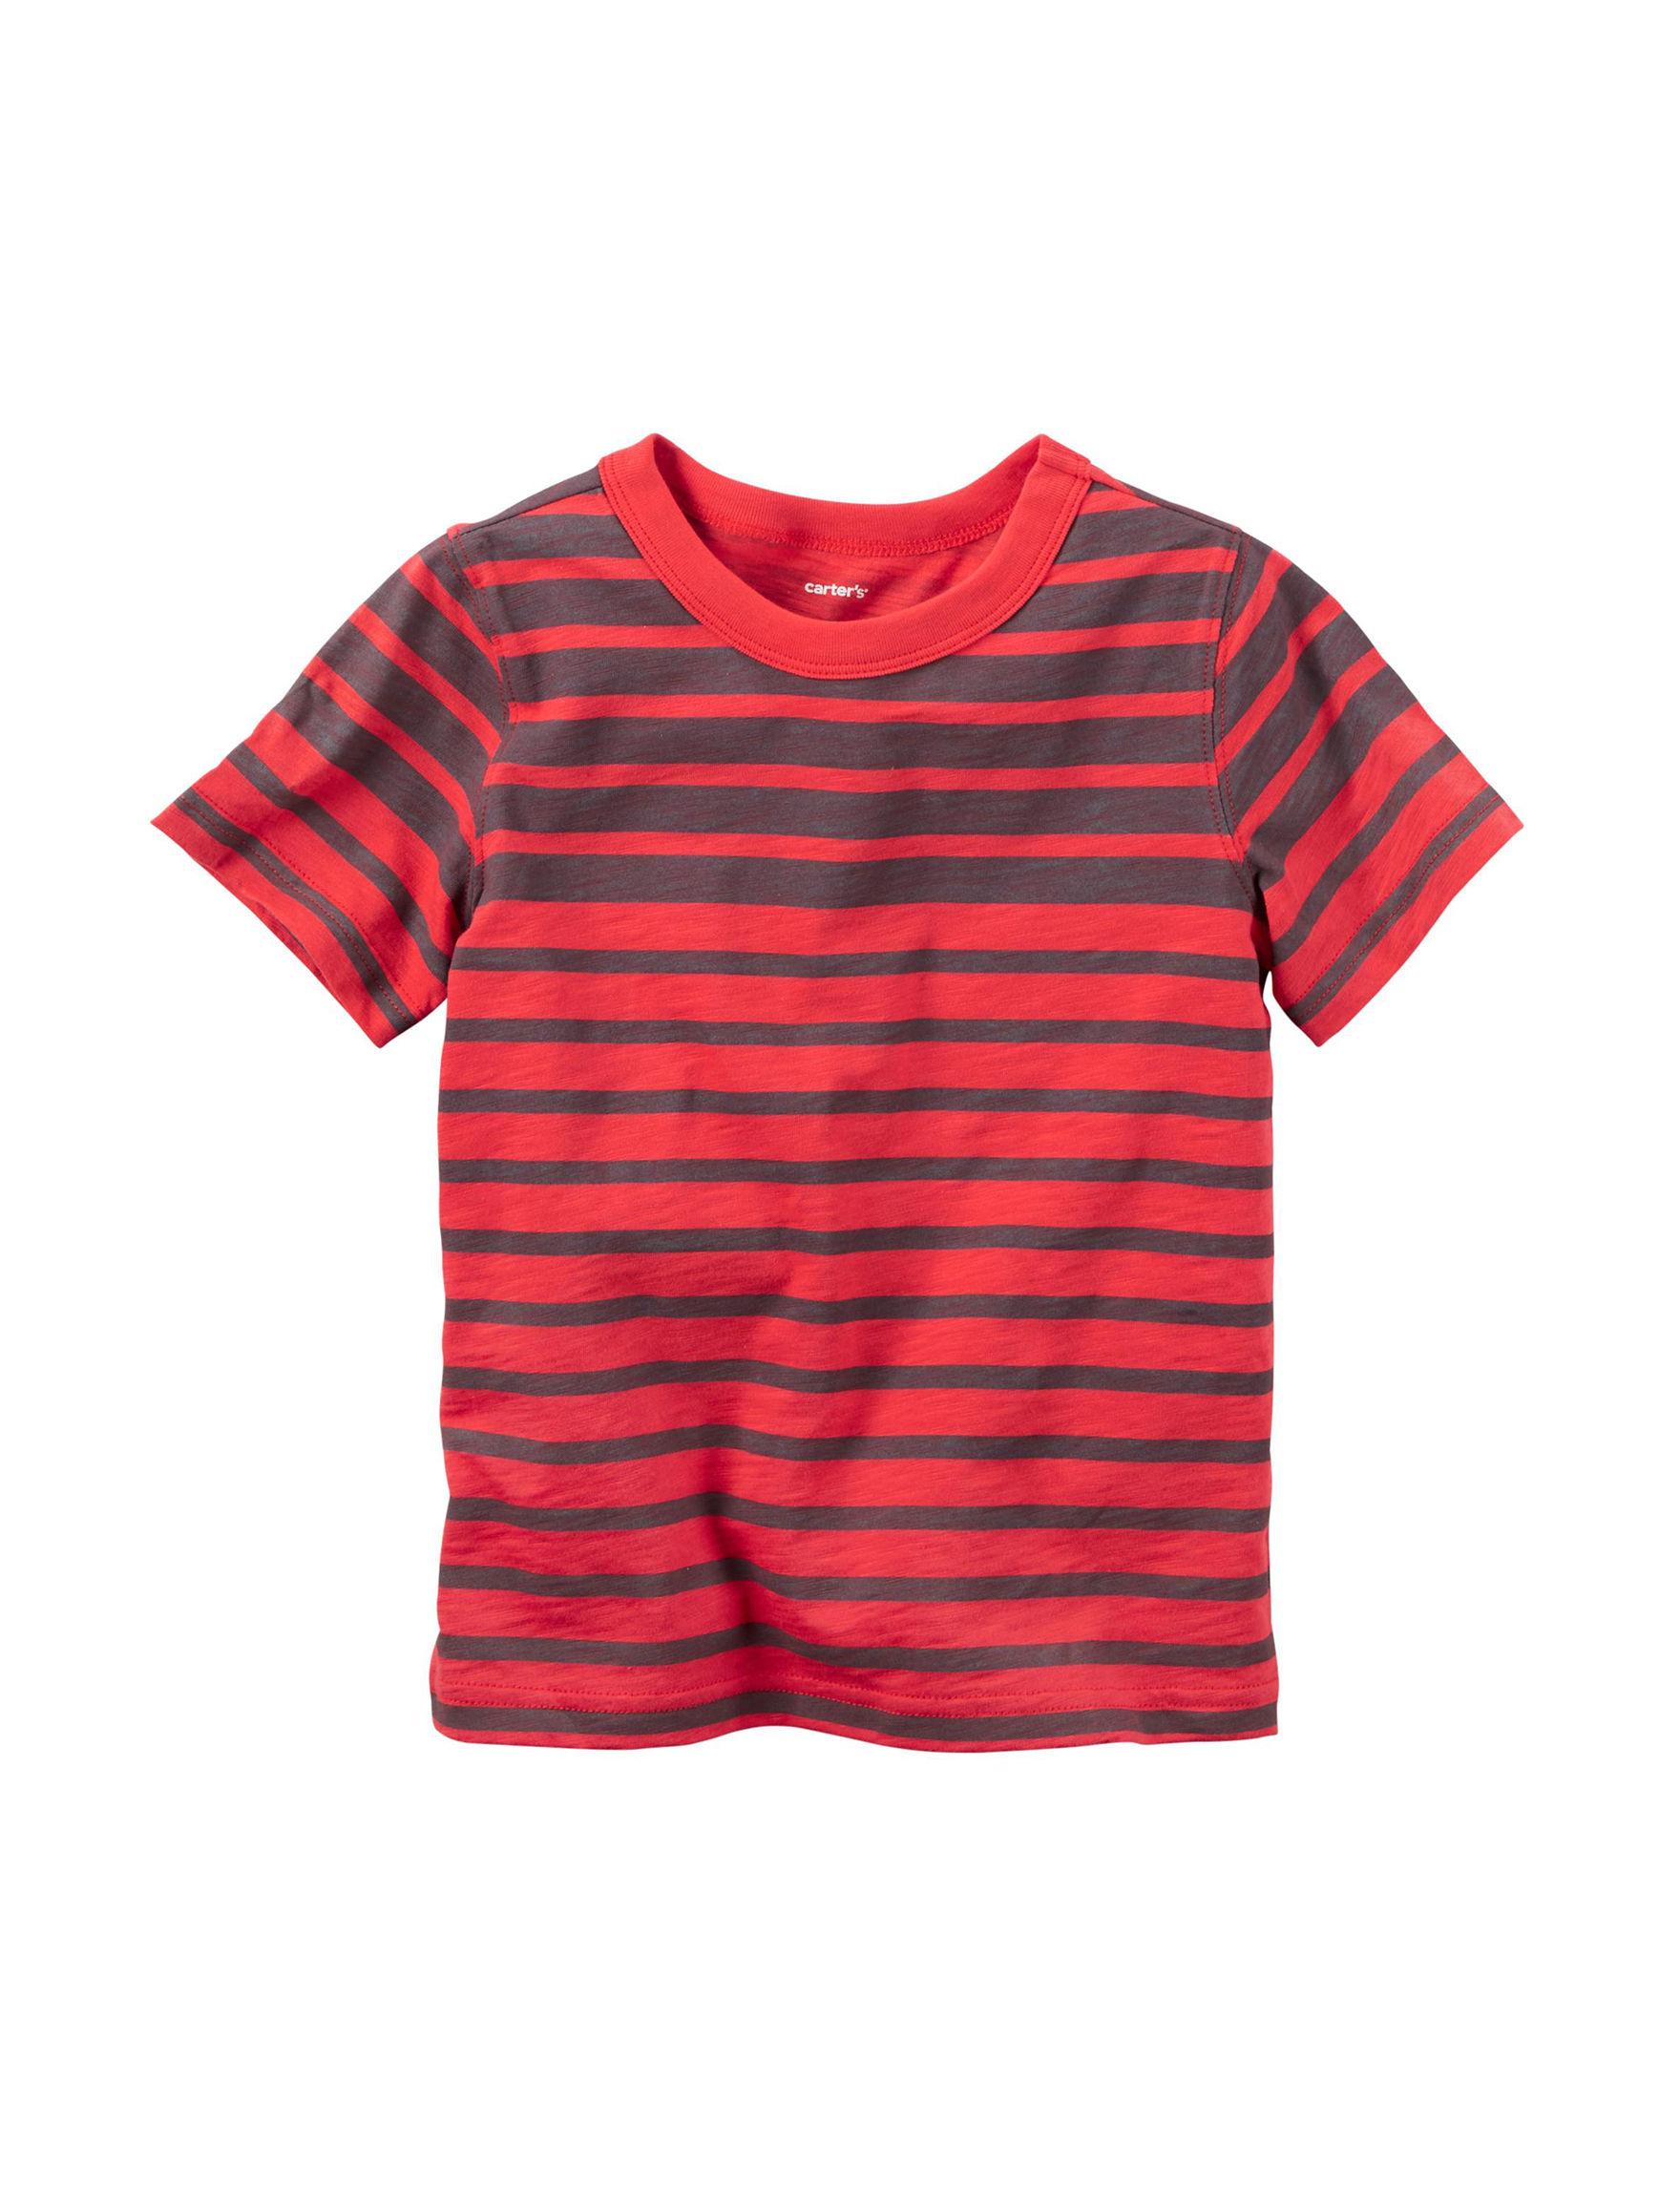 Carter's Stripe Tees & Tanks